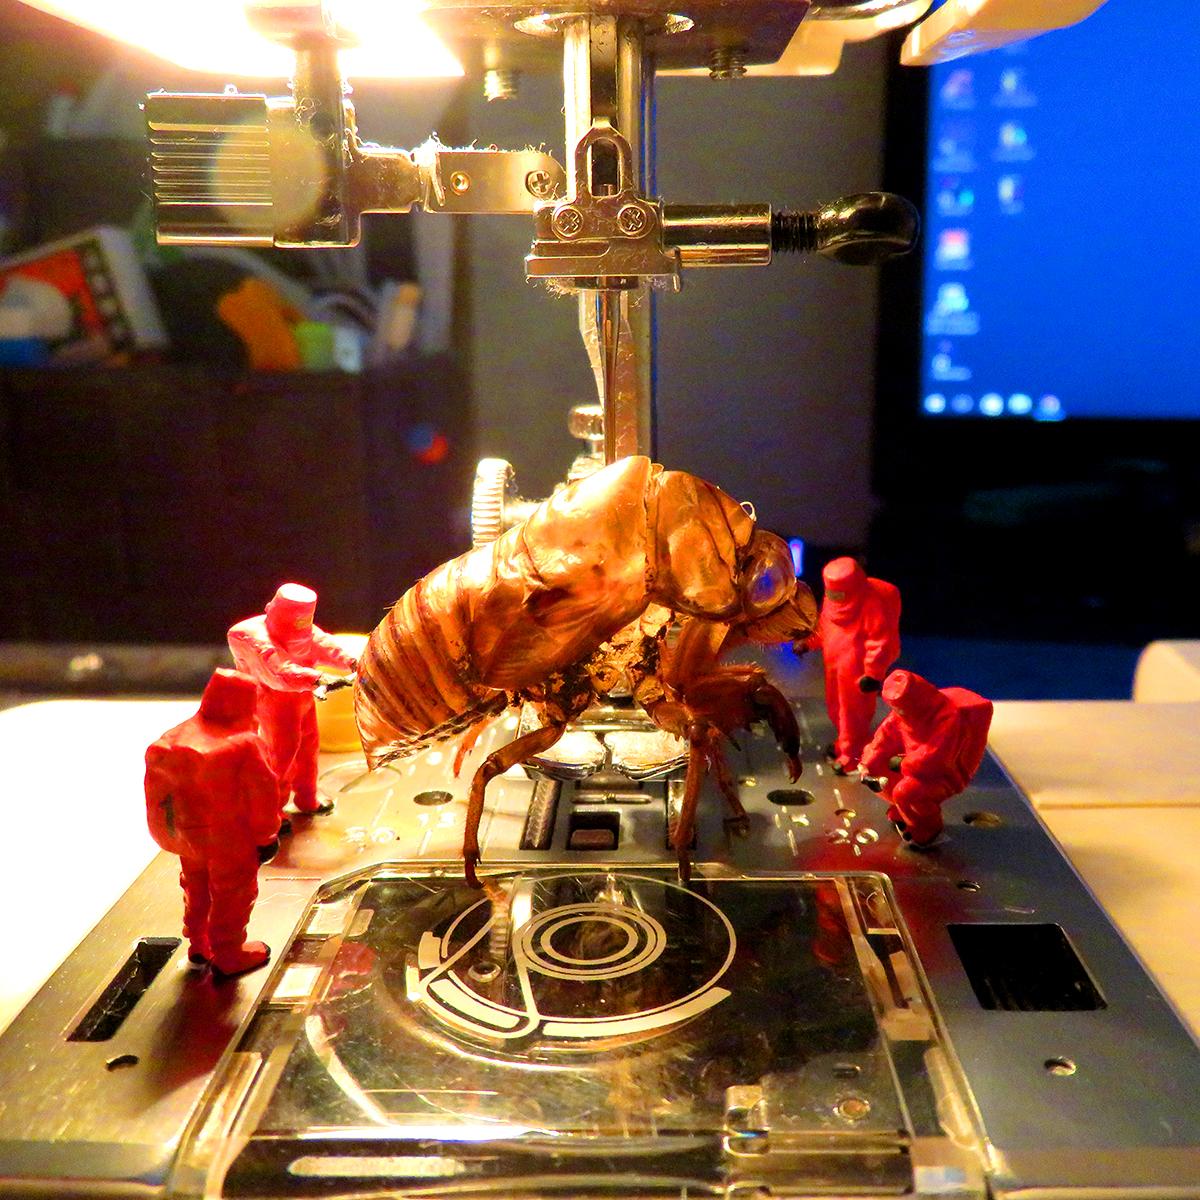 ミシンでセミの脱け殻を研究する特殊研究者たち